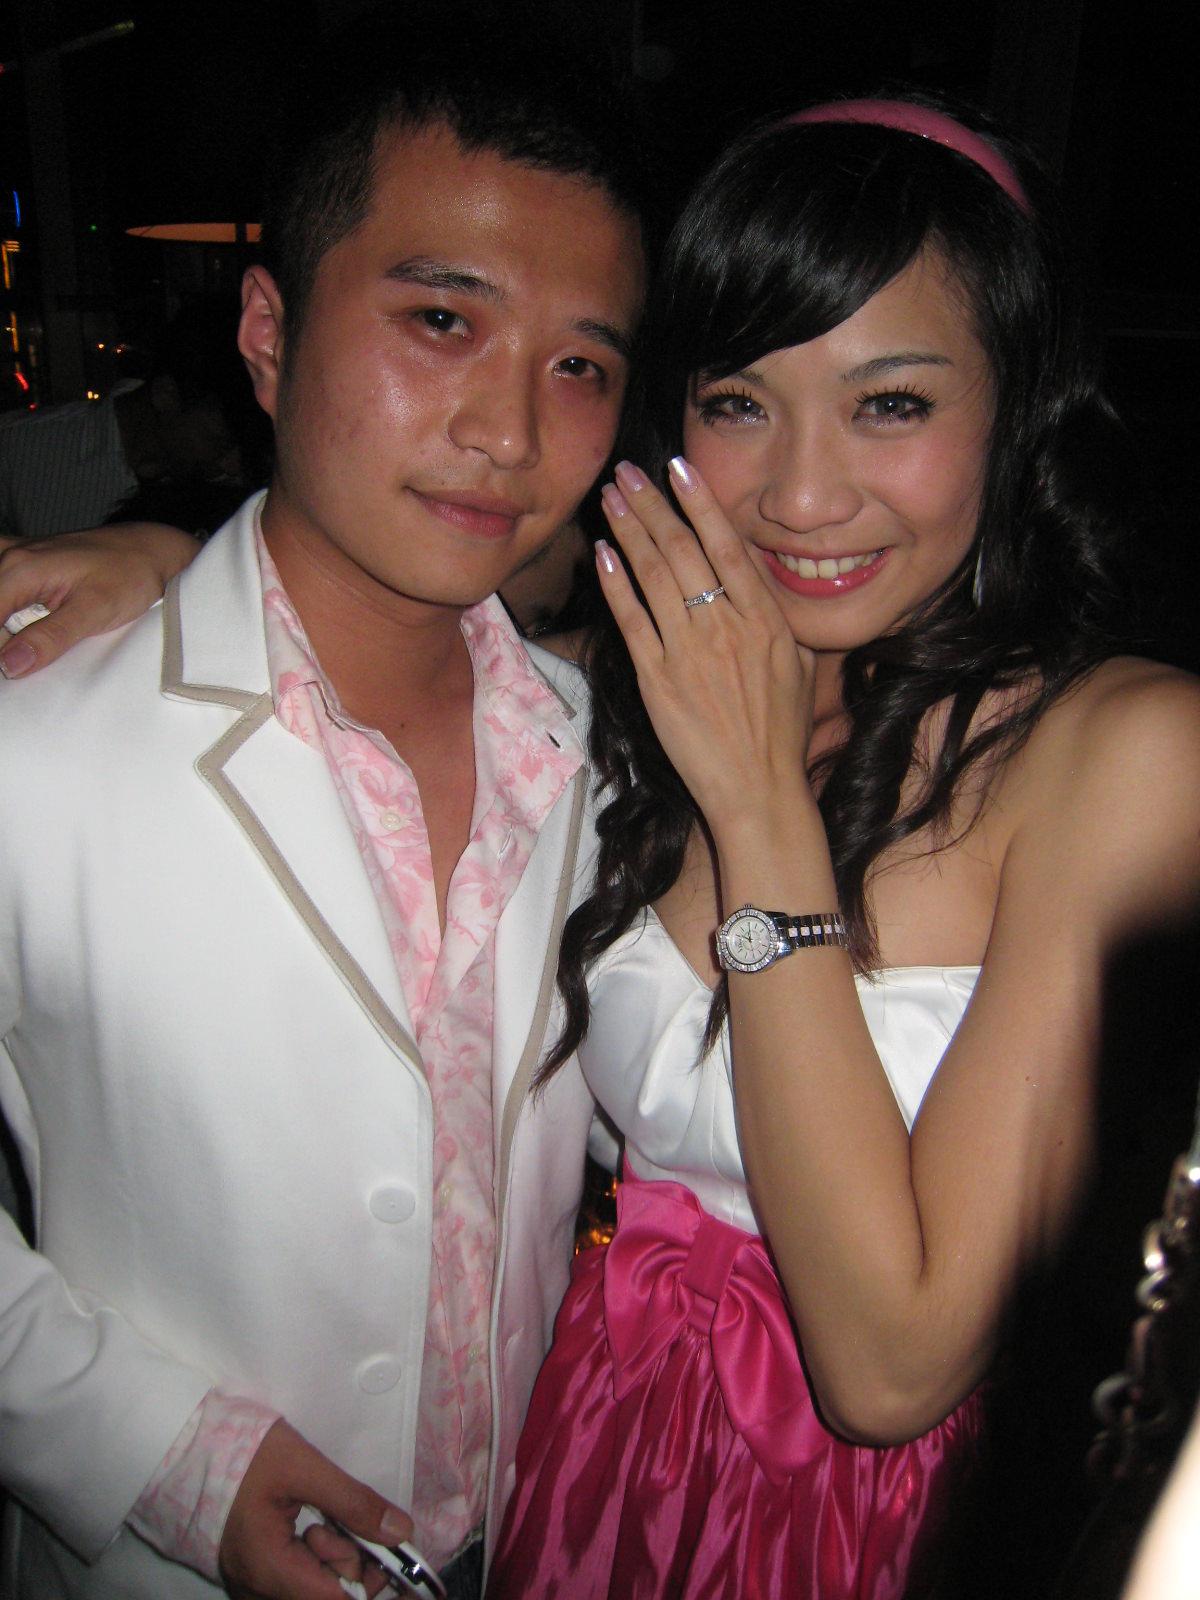 【喜喜】開頭序 帥哥!!!我要結婚了